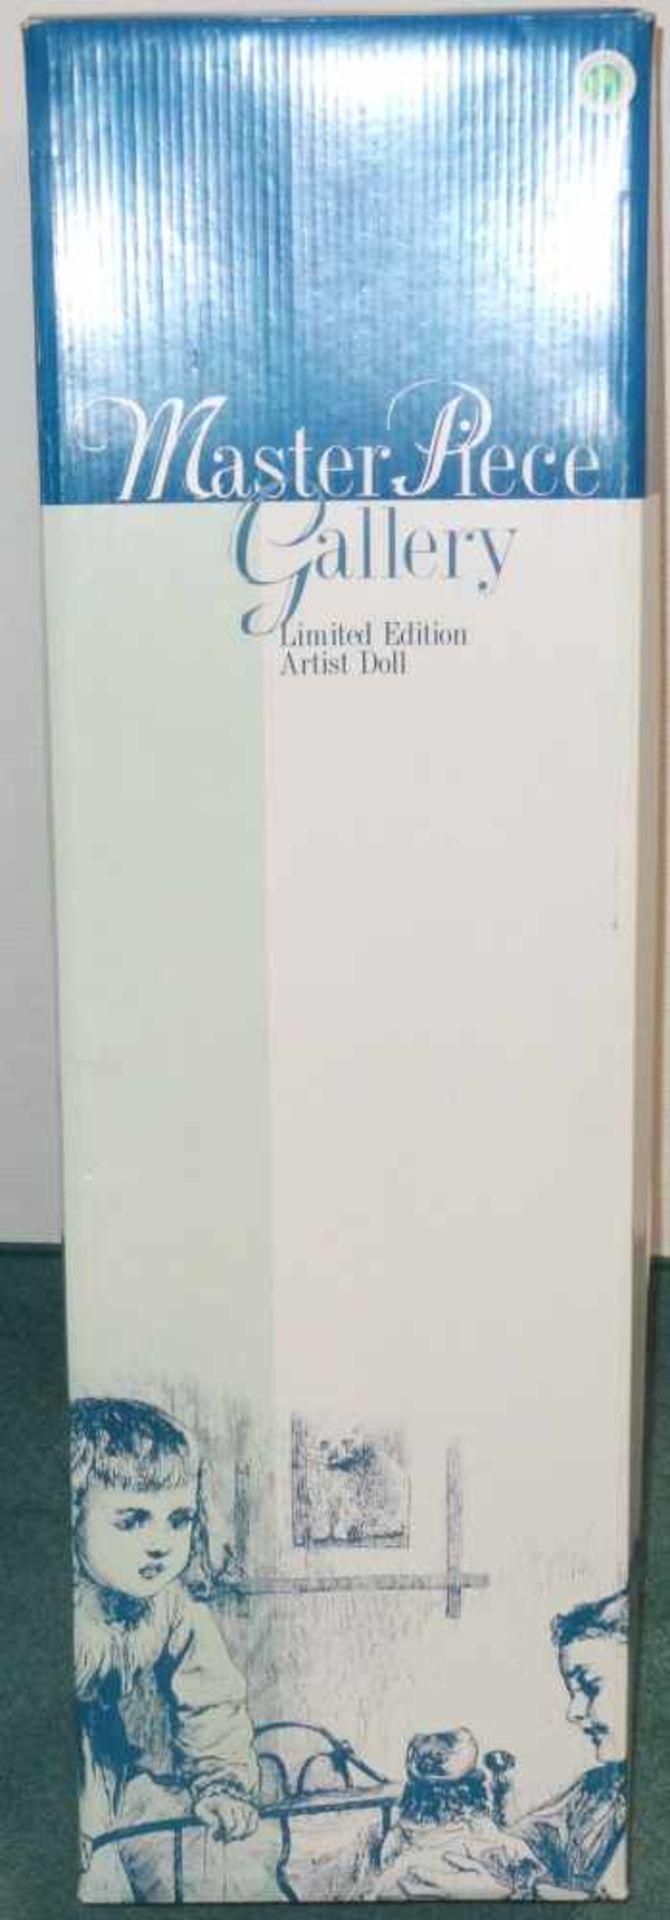 Sammlerpuppe ltd. Edition - Oliver - in Freizeitbekleidung, Artist Doll Linda Valentino-Michel, Höhe - Bild 2 aus 2